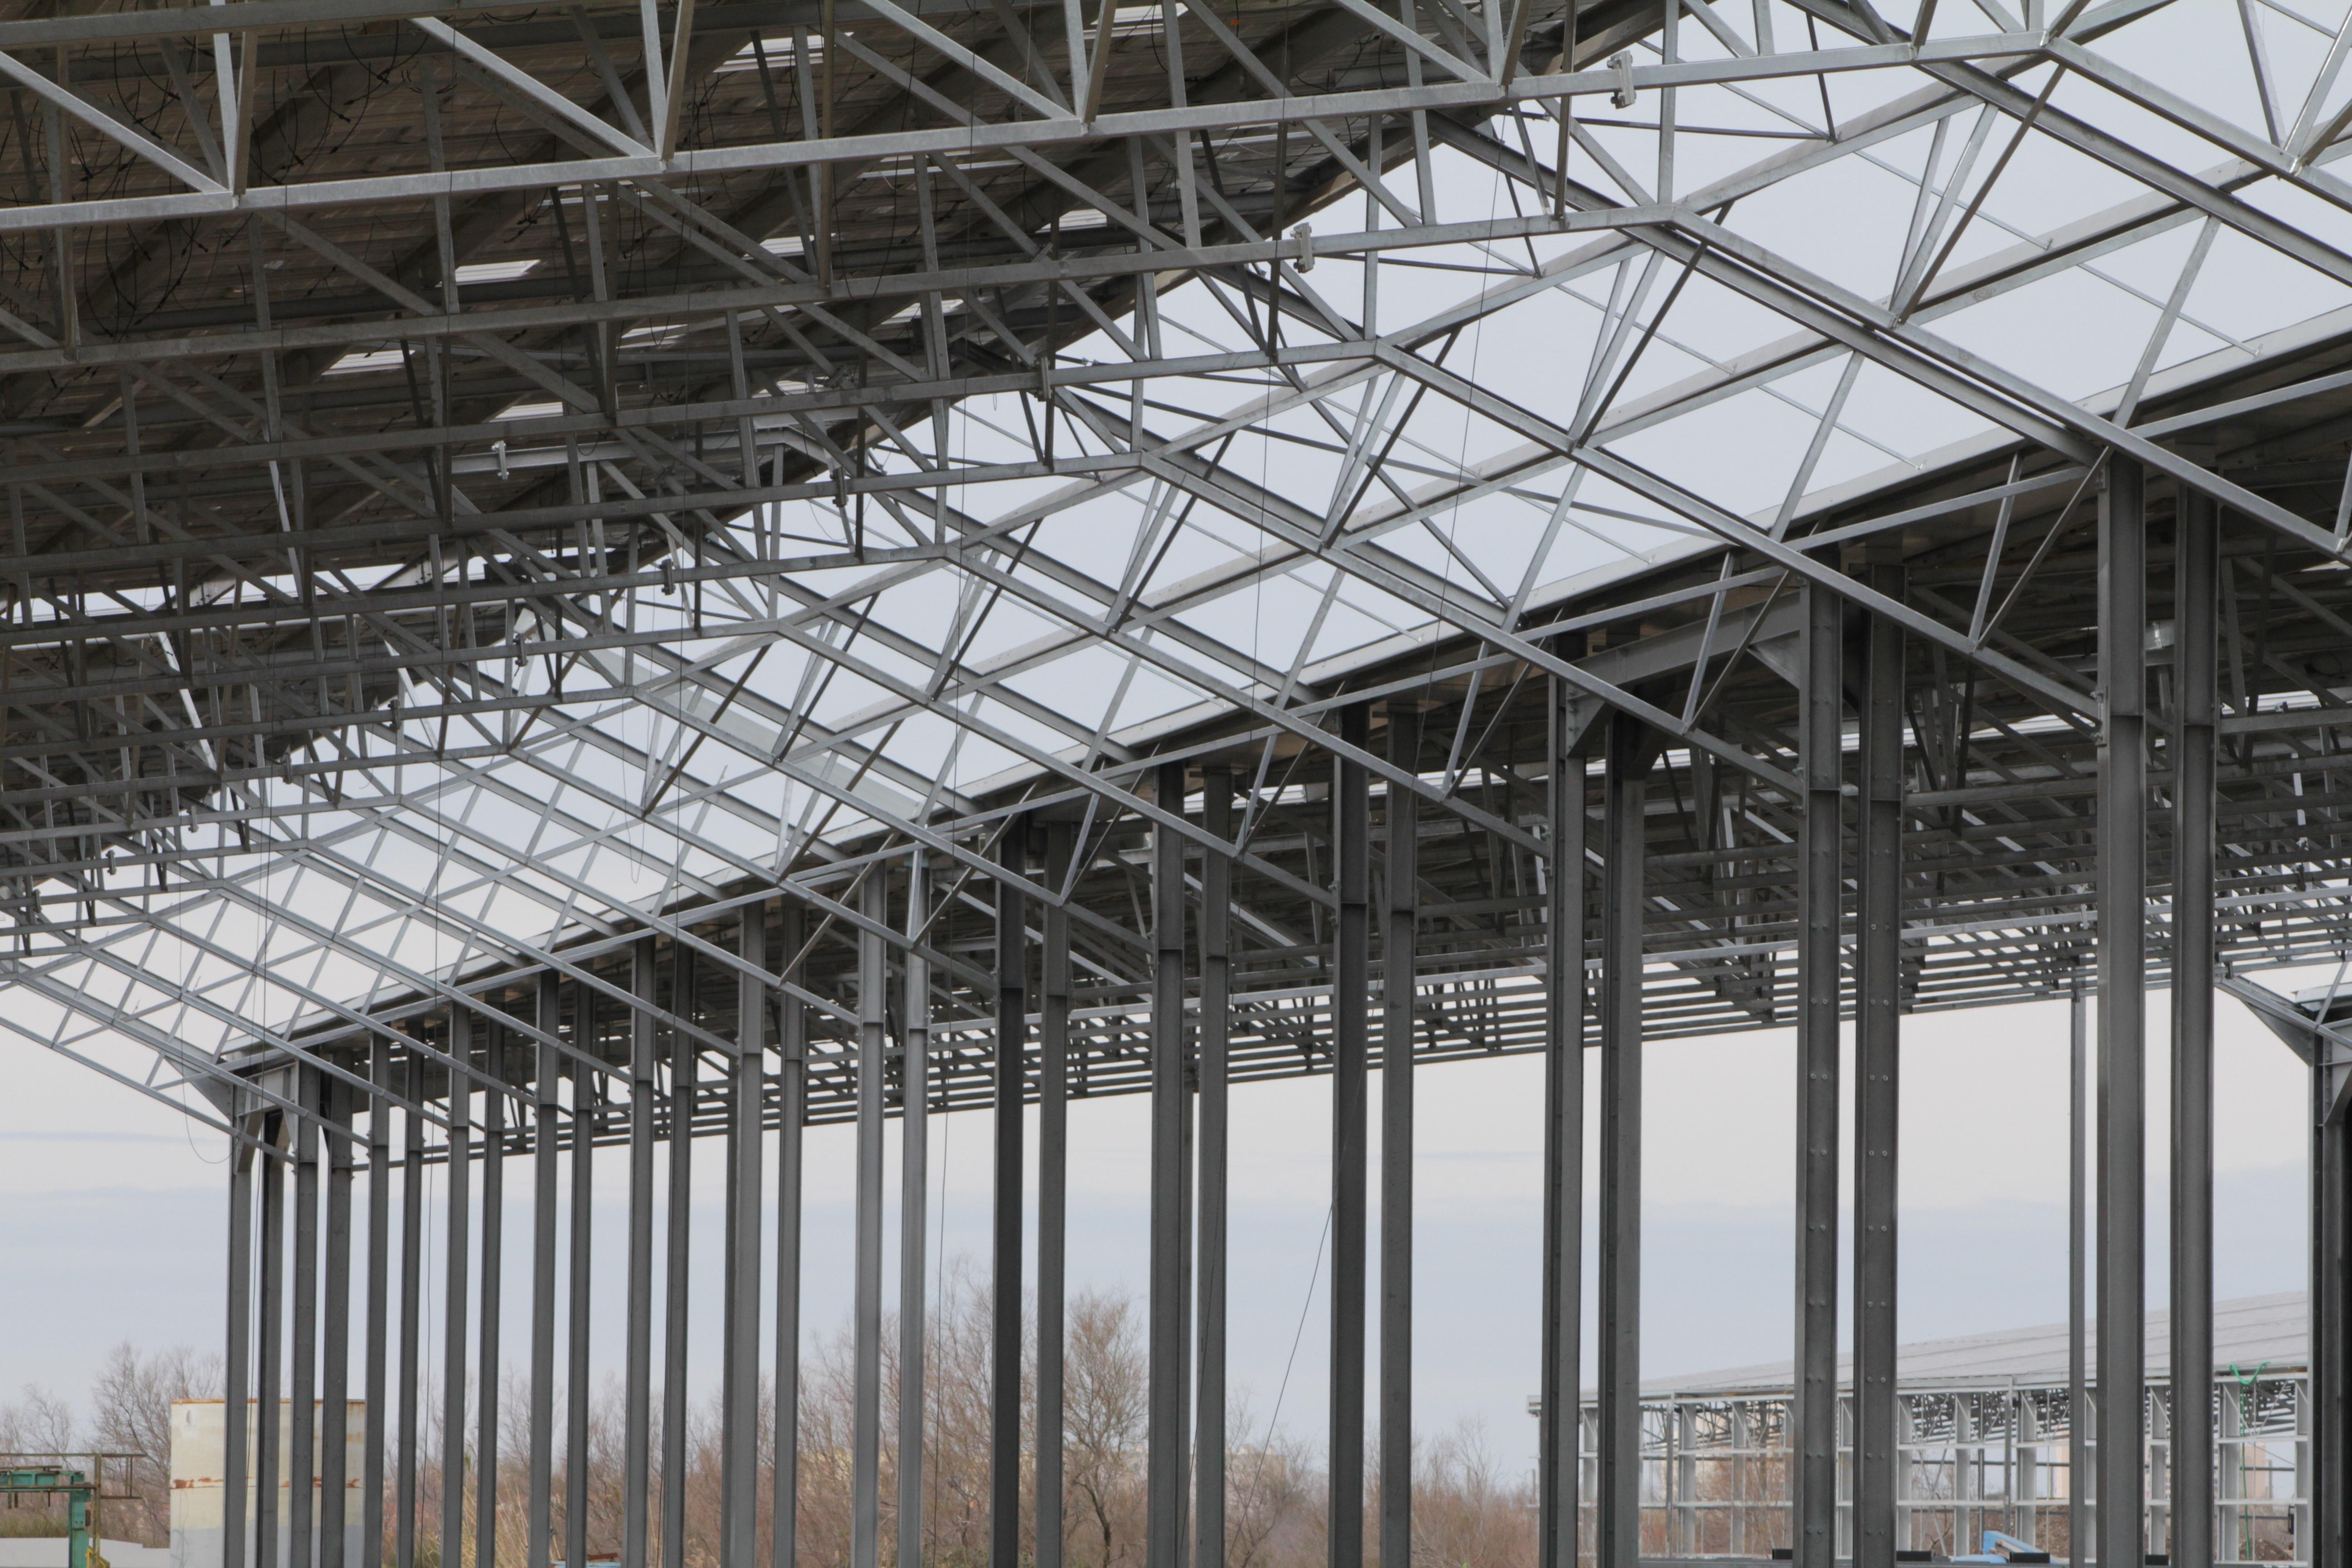 Gambar Arsitektur Bangunan Gudang Kanopi Penglihatan Stadion Berlindung Arena Anggar Markas Besar Energi Matahari Panel Surya Pencahayaan Tempat Olahraga Struktur Luar Ruangan 5184x3456 617771 Galeri Foto Pxhere